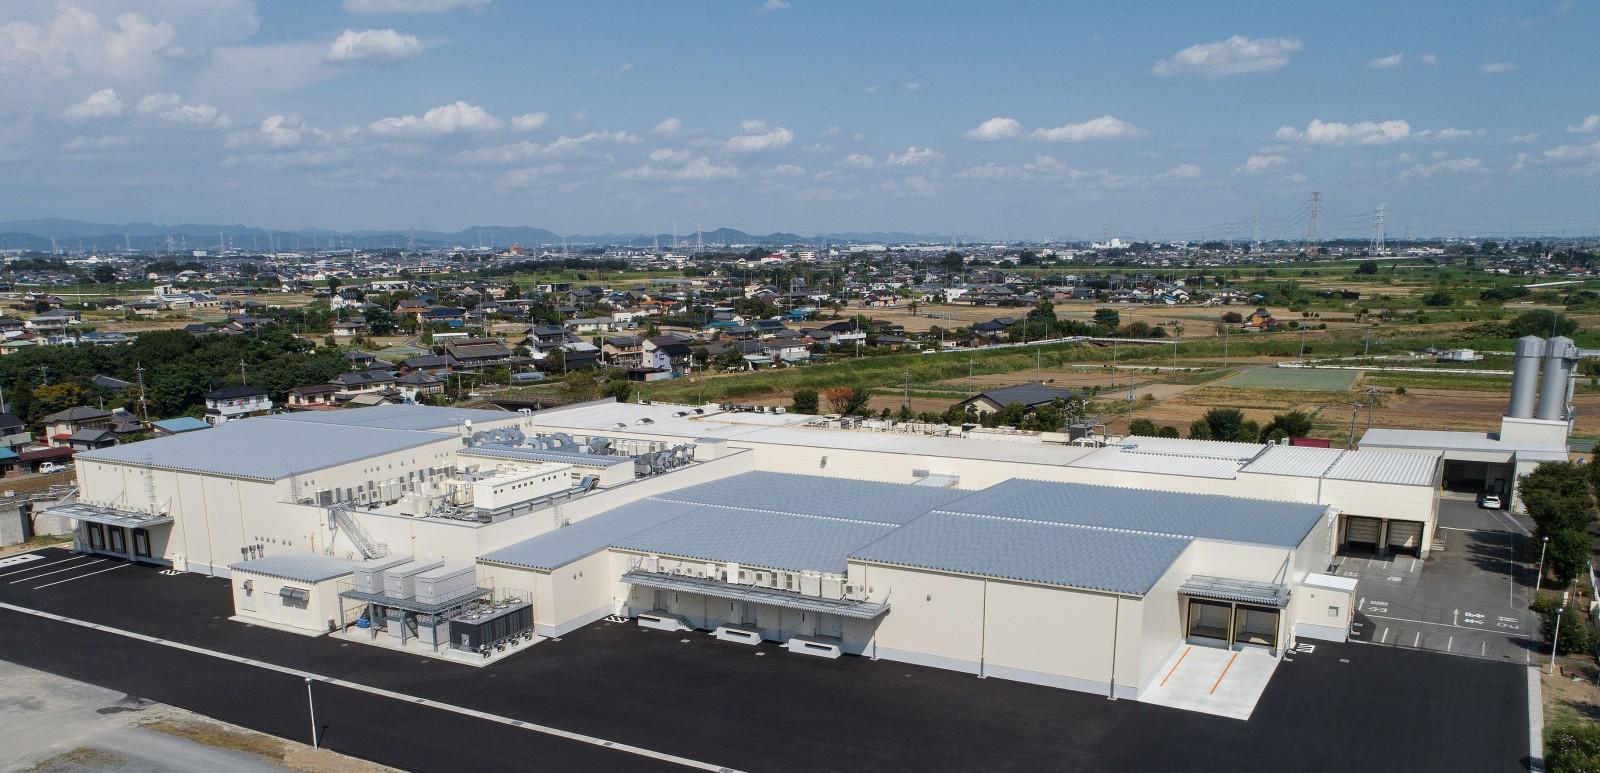 トレー入り食事セットの生産強化! ニップン冷食・伊勢崎工場 冷凍食品第2工場が竣工